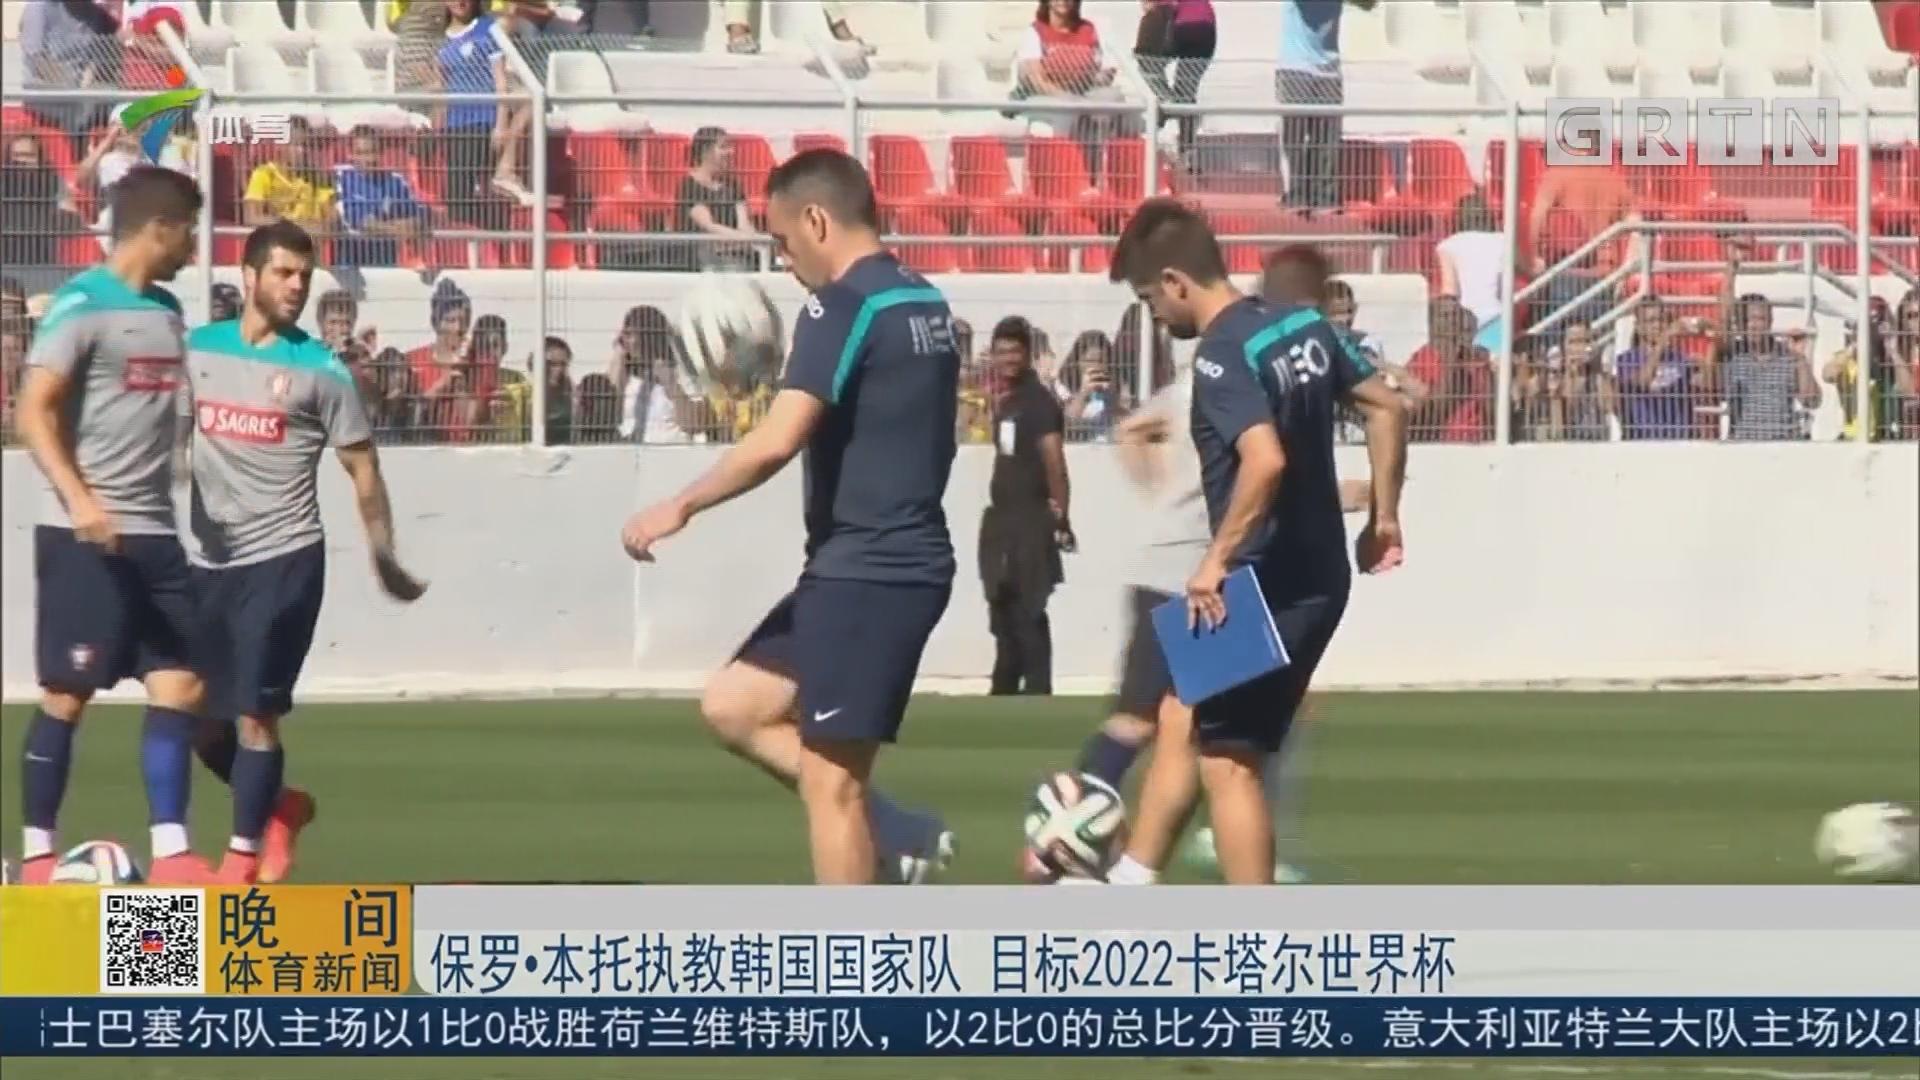 保罗·本托执教韩国国家队 目标2022卡塔尔世界杯